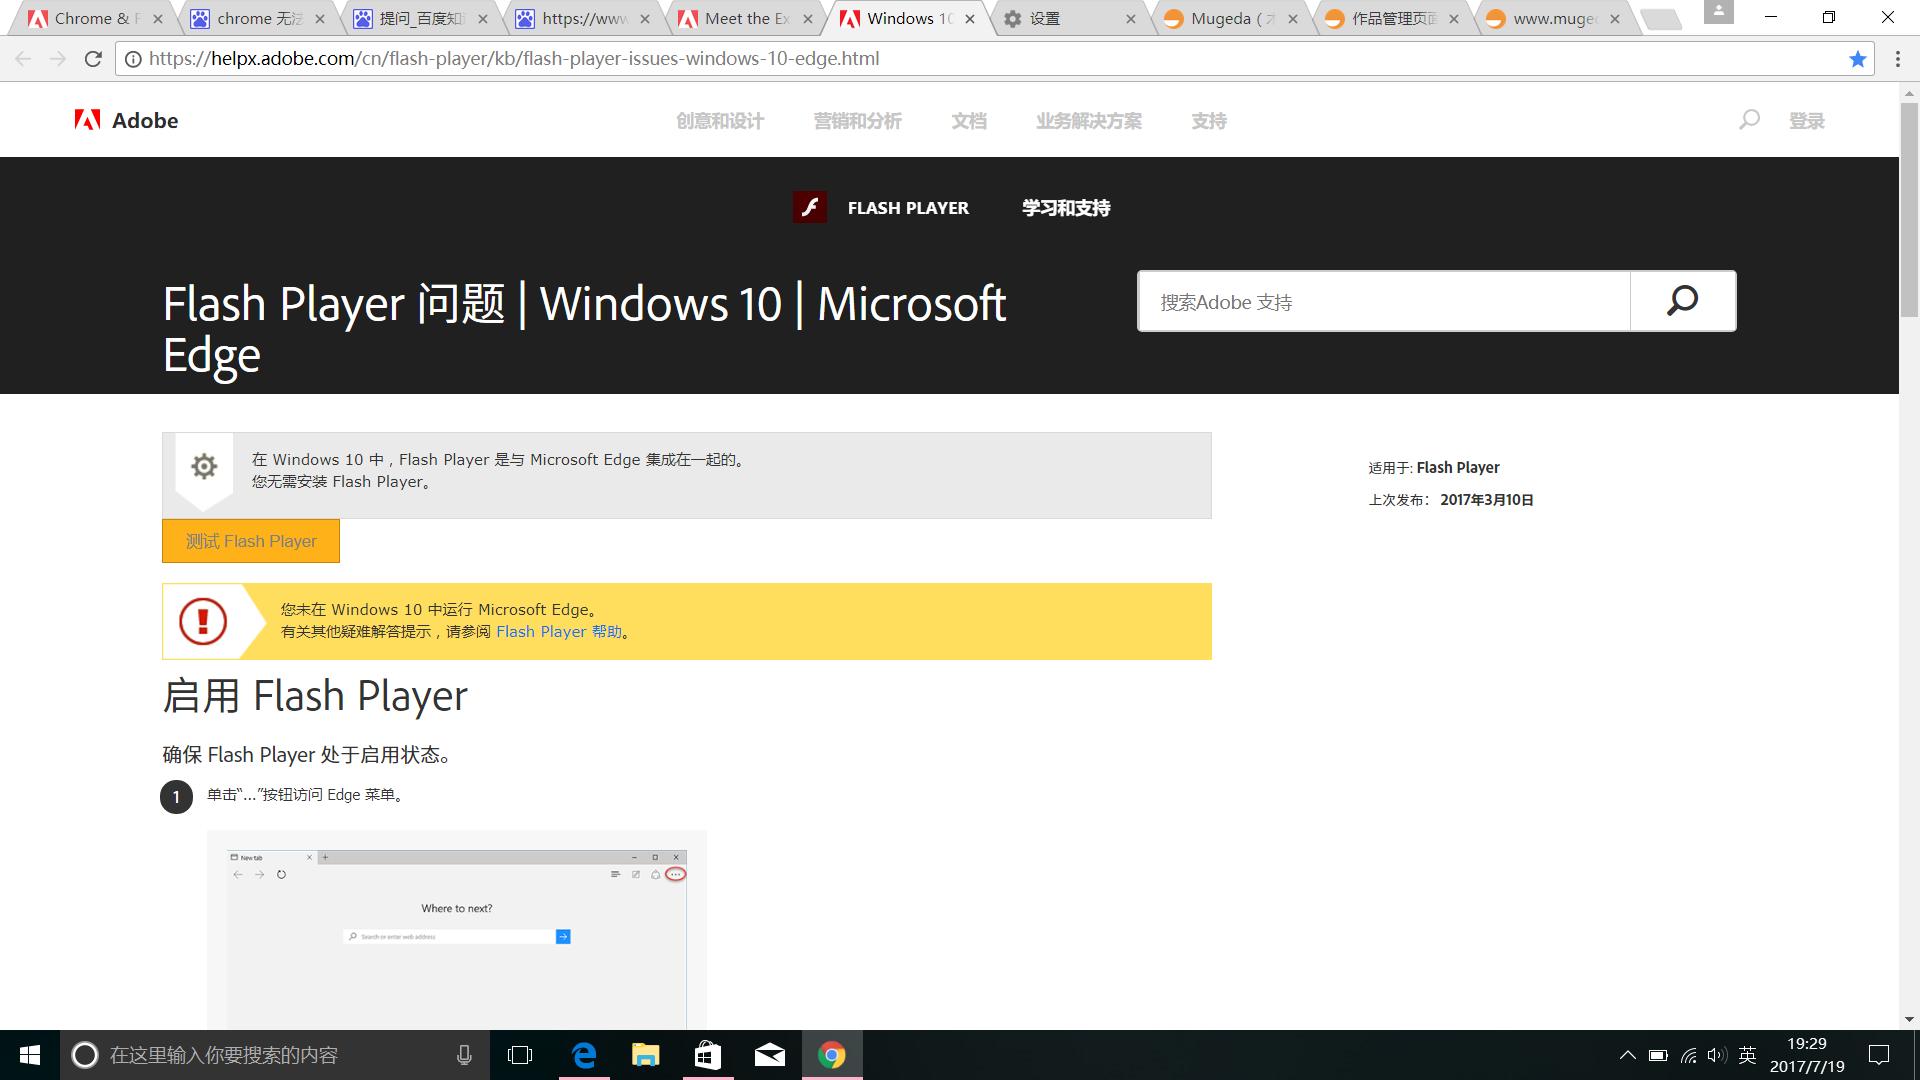 chrome 无法运行flash插件因为未运行Edge_百度知道